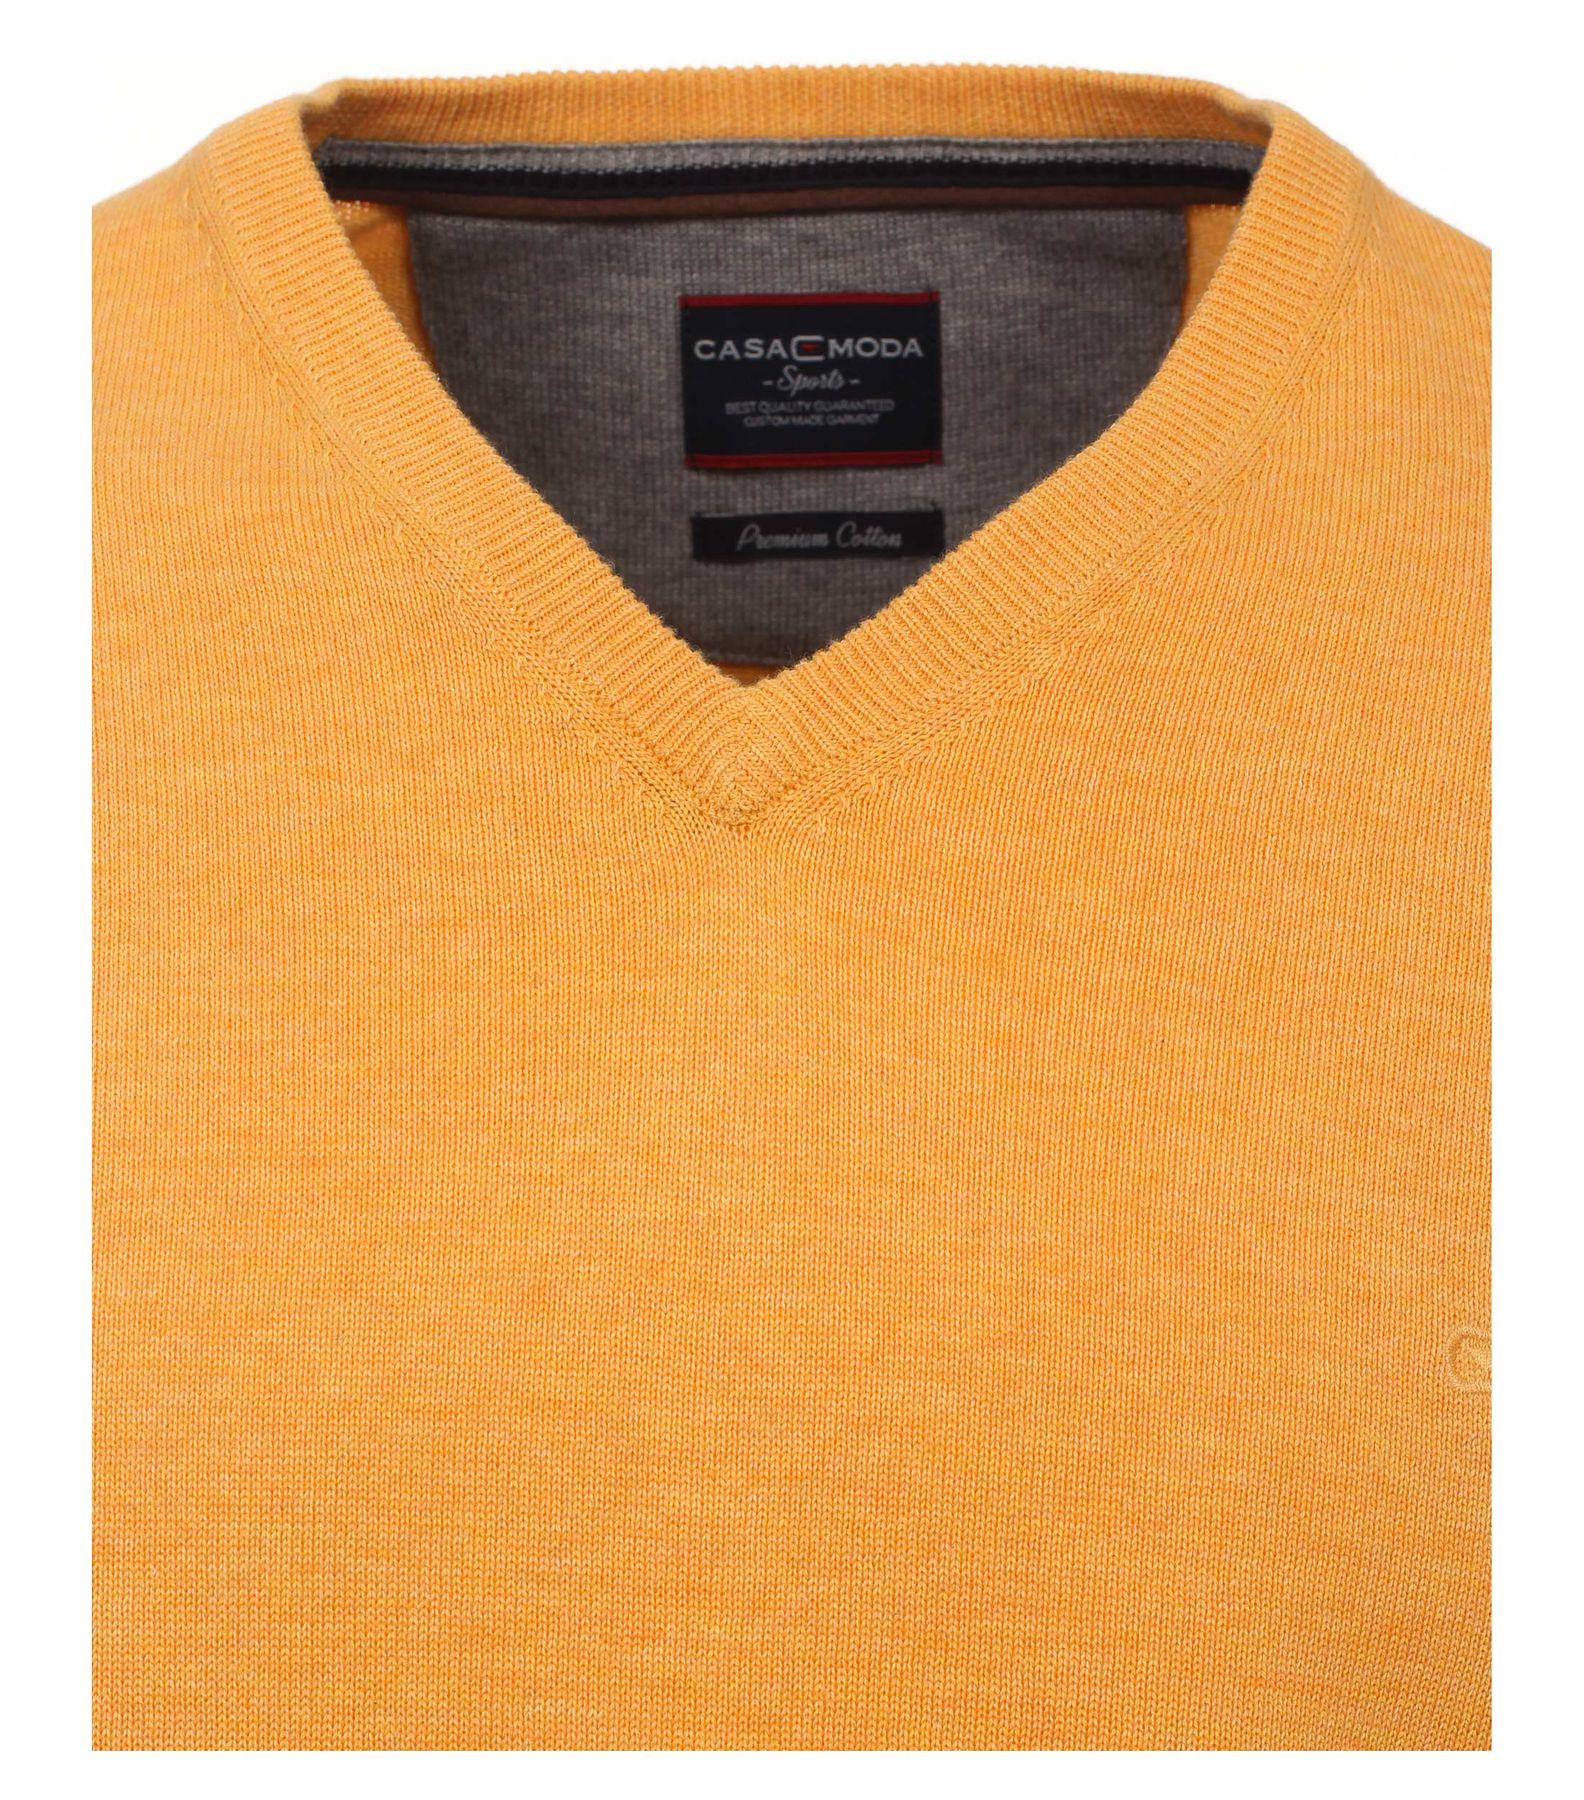 Casa Moda - Herren Pullover mit V-Ausschnitt in verschiedenen Farben (004130) – Bild 21